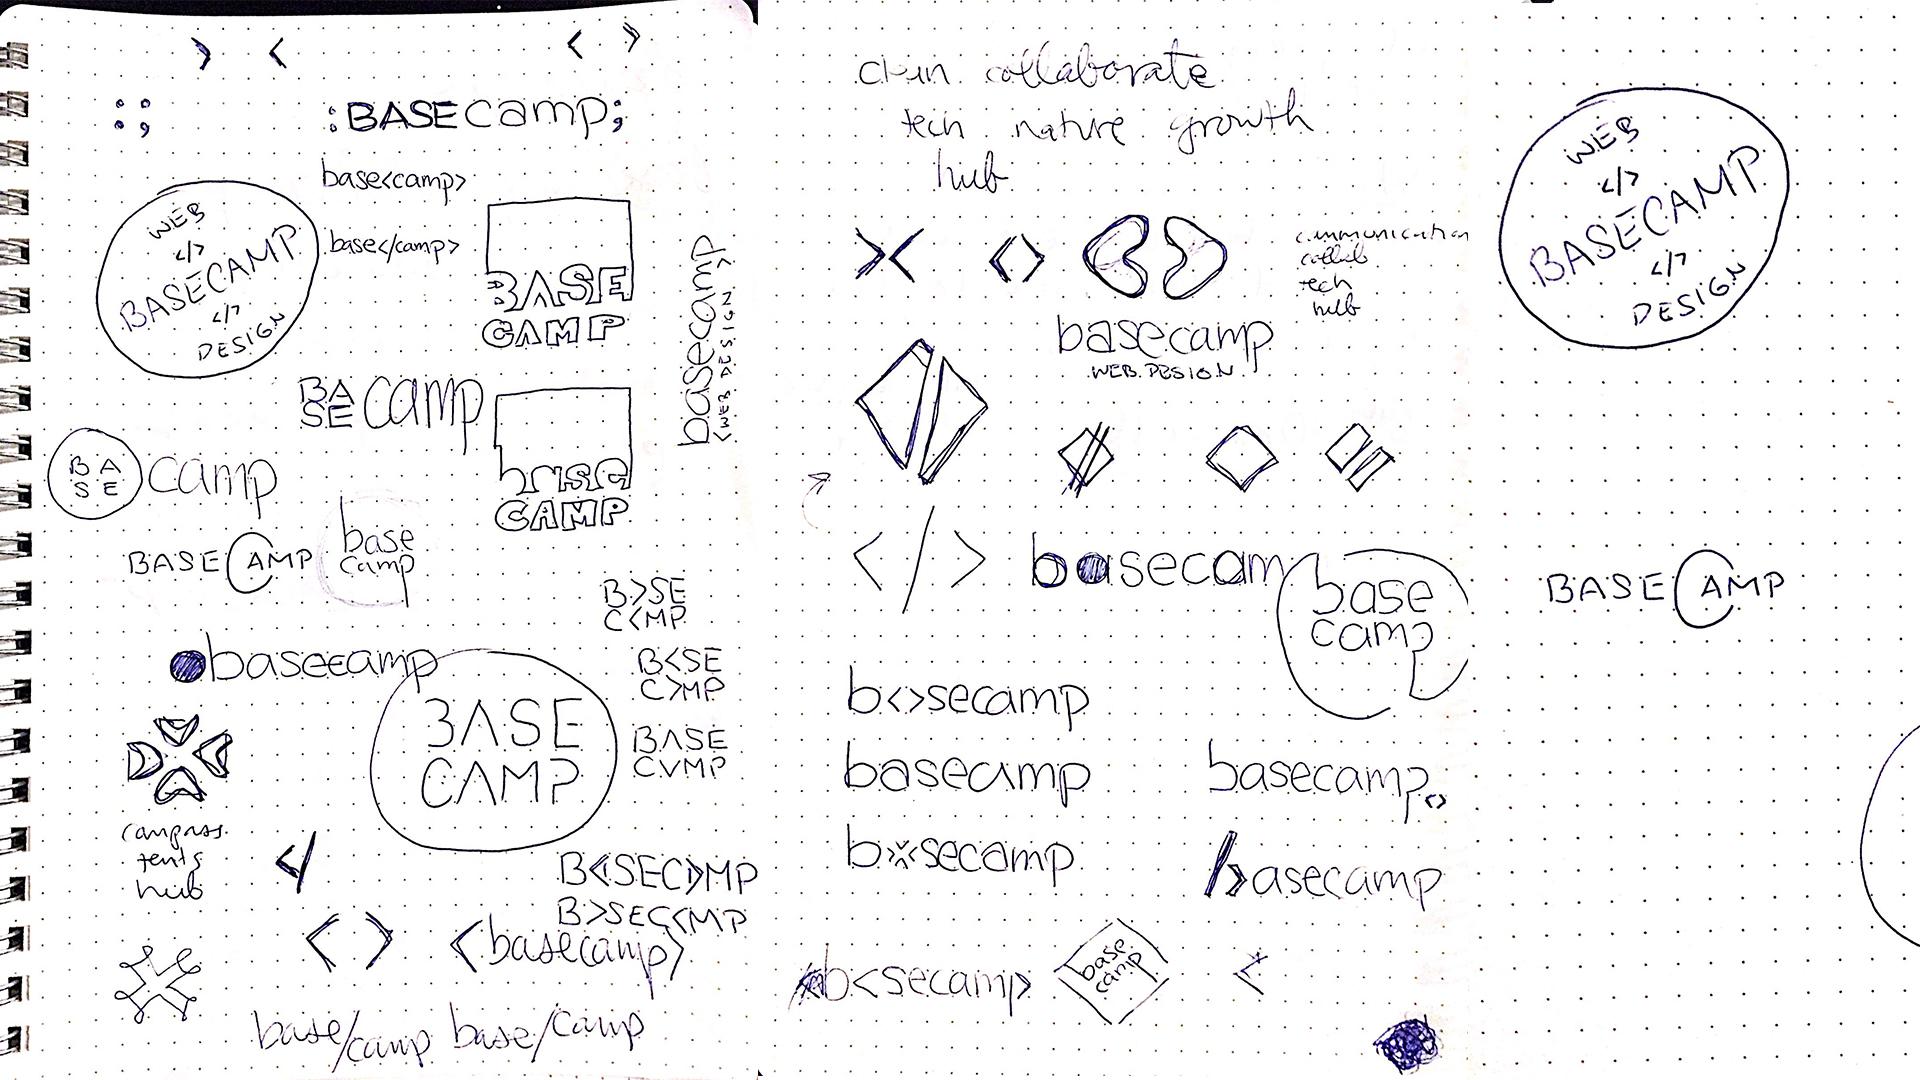 meeshworks-basecamp-2